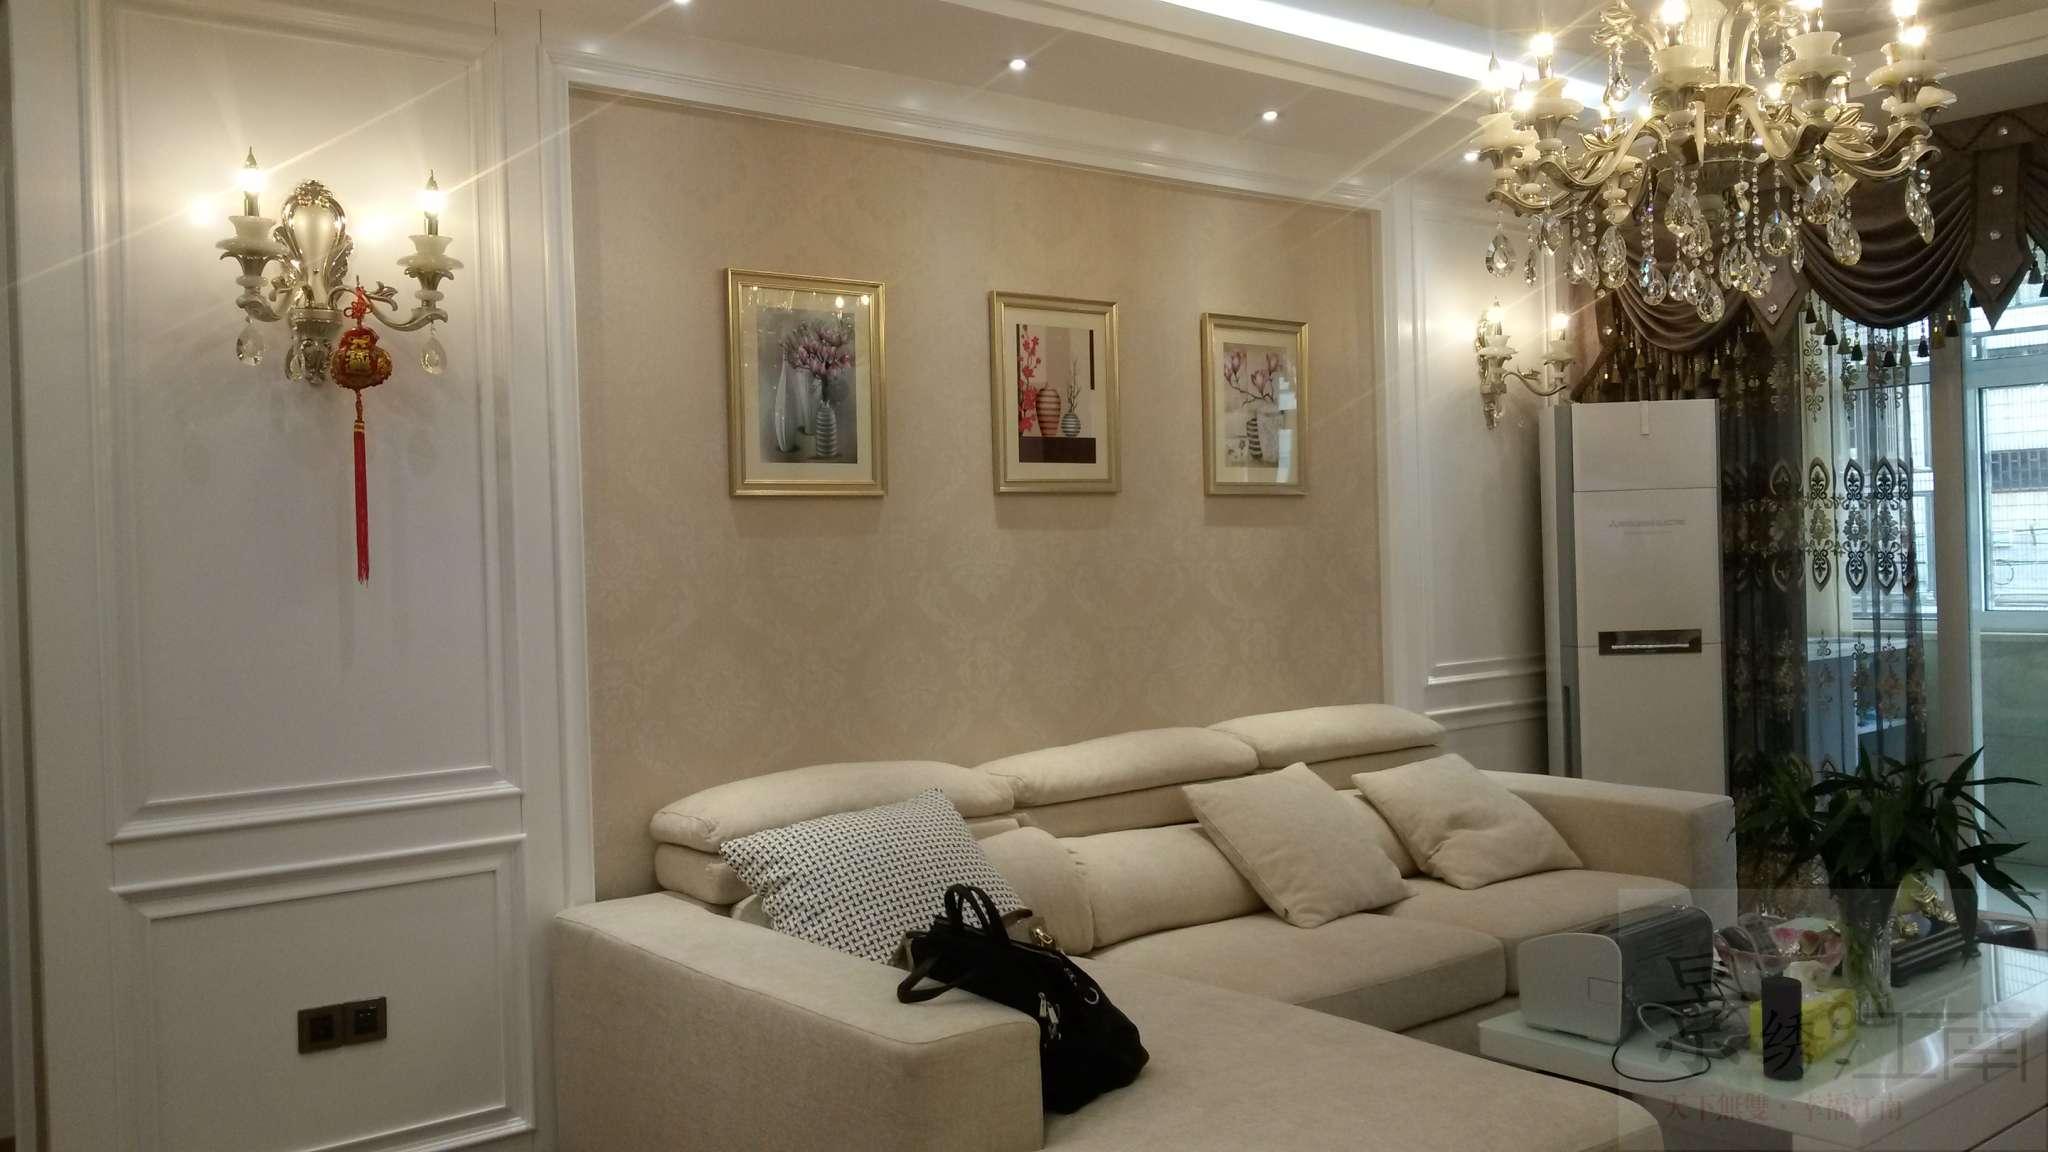 【三元世纪城七秀小区】薛总雅居欧式风格实景照之沙发背景